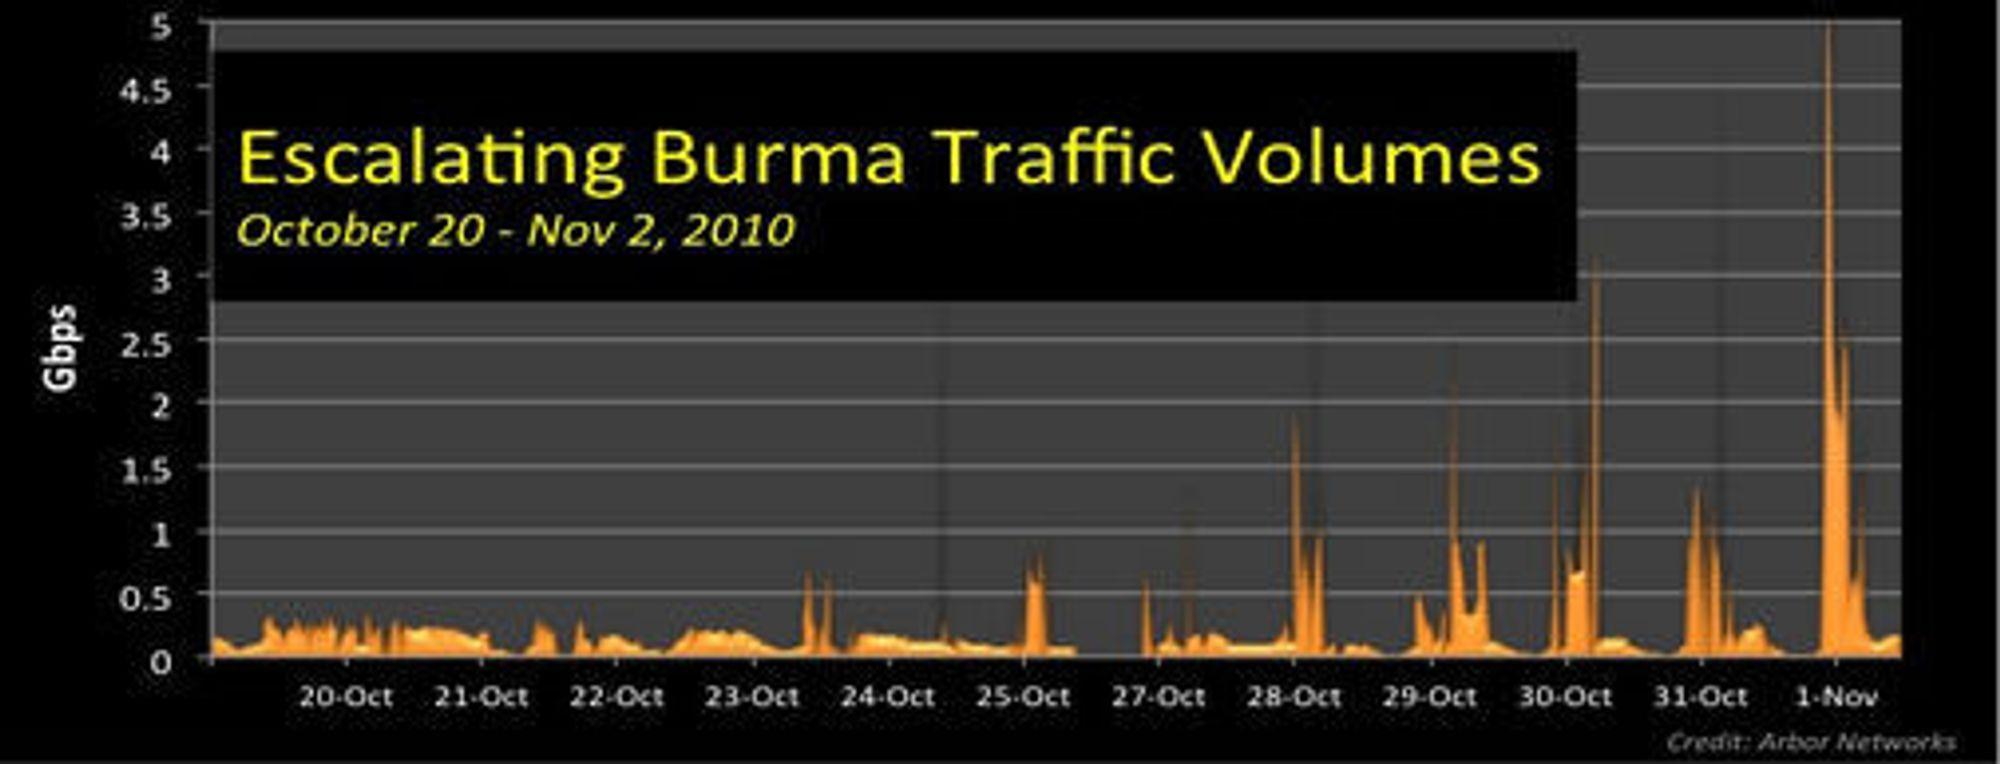 Angrepene mot Burma har tiltatt i styrke over flere dager, og begynte i slutten av oktober.